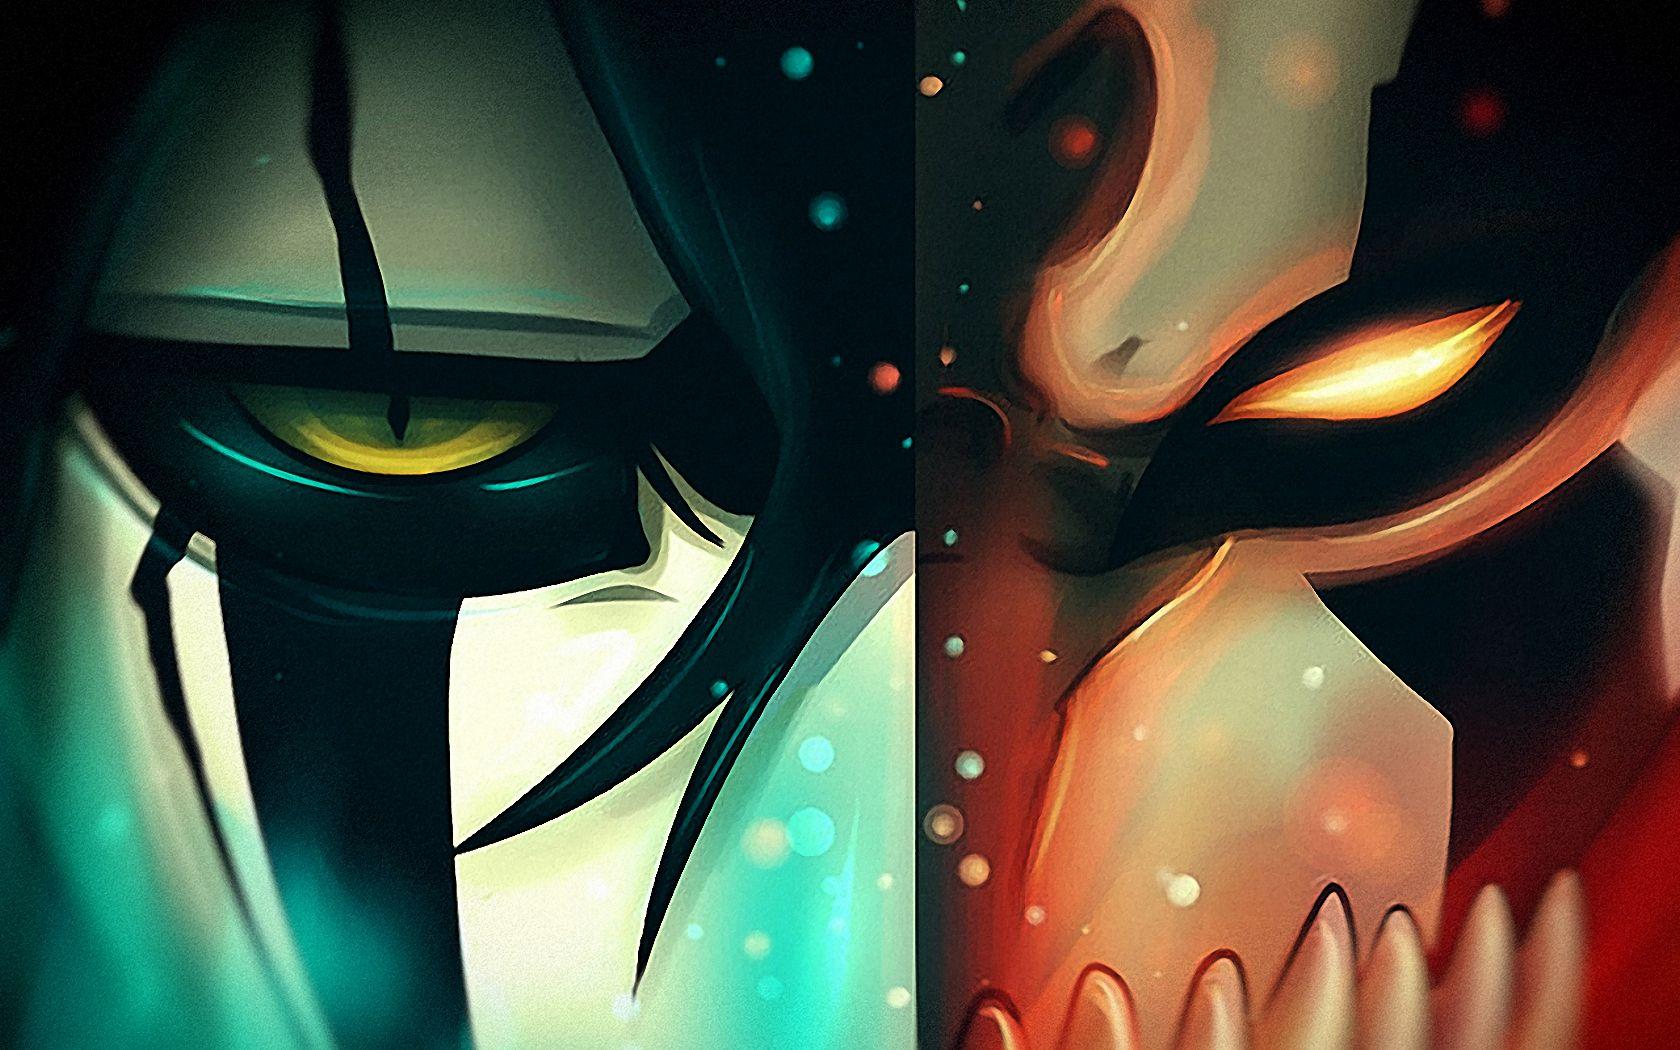 Bleach Espada Wallpaper